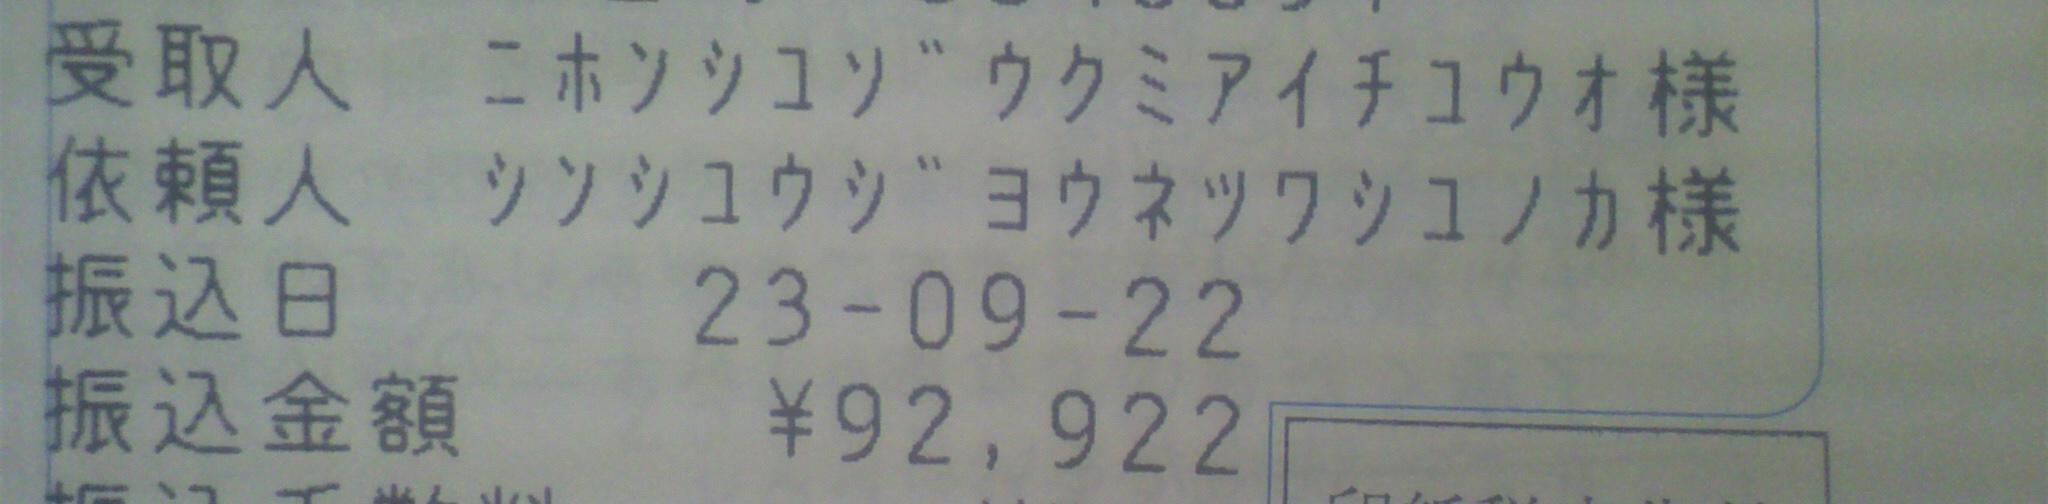 b0140887_177436.jpg